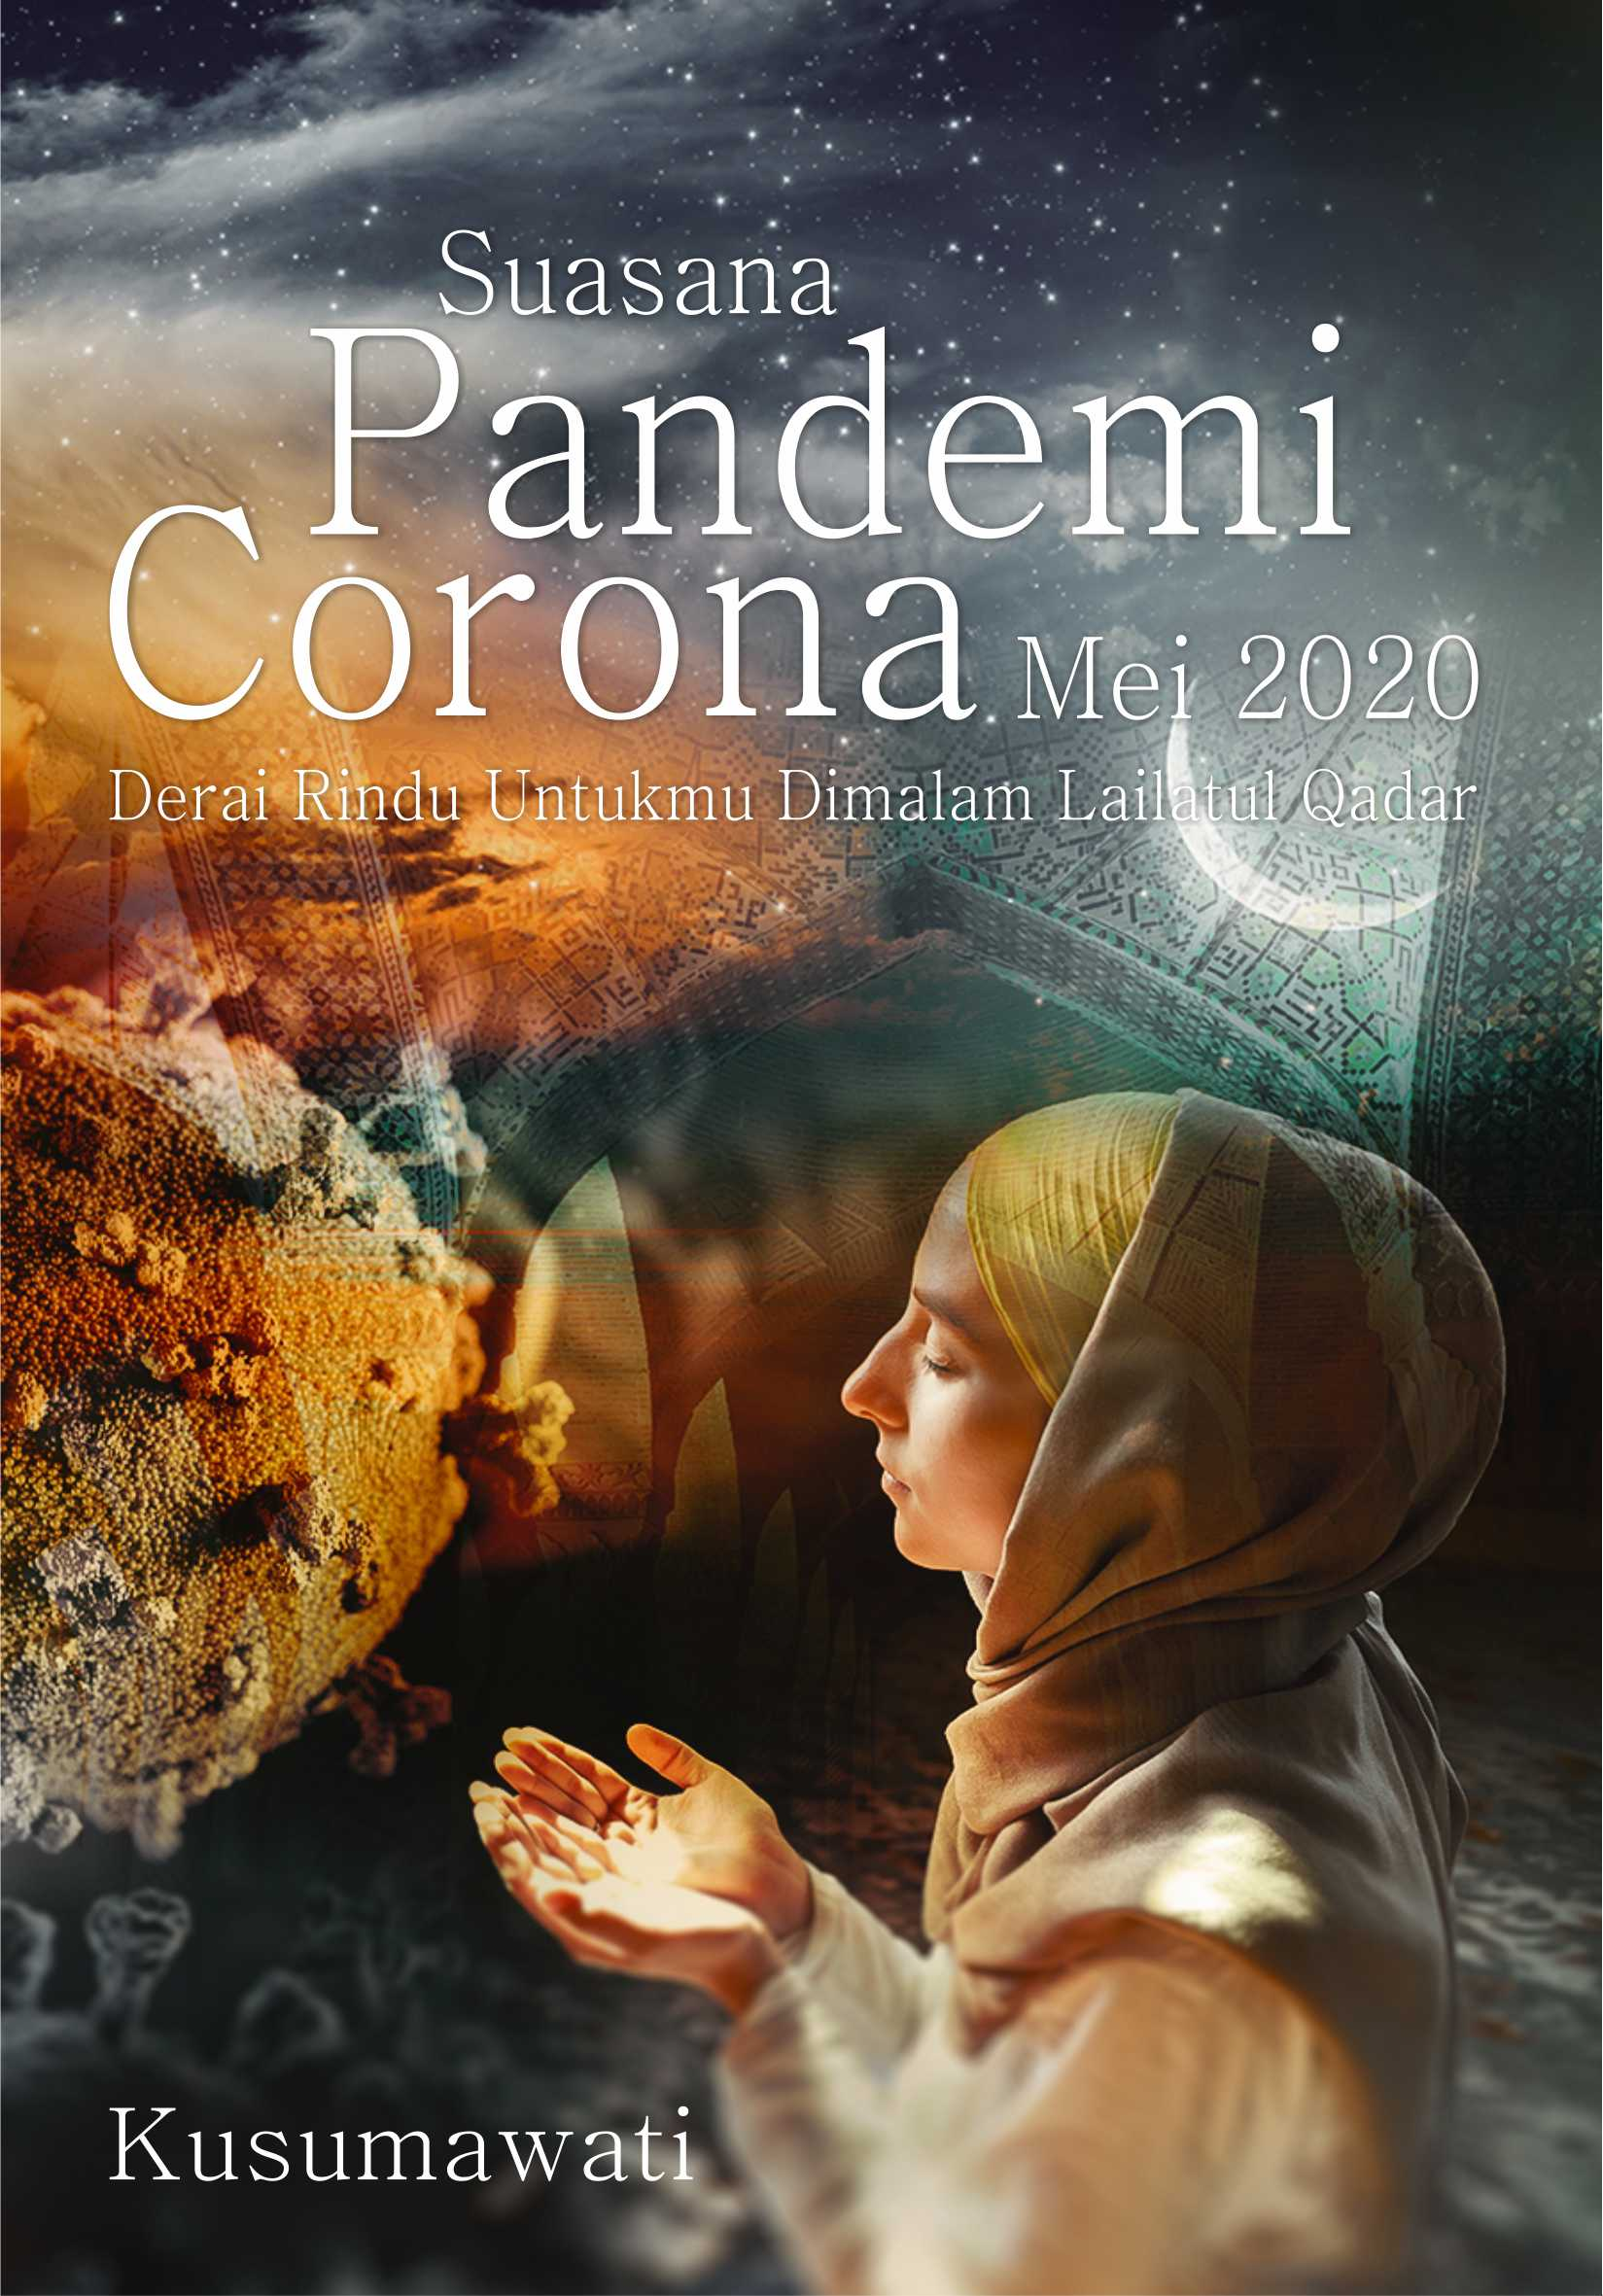 Suasana pandemi Corona Mei 2020 [sumber elektronis] : derai rindu untukmu di malam Lailatul Qadar